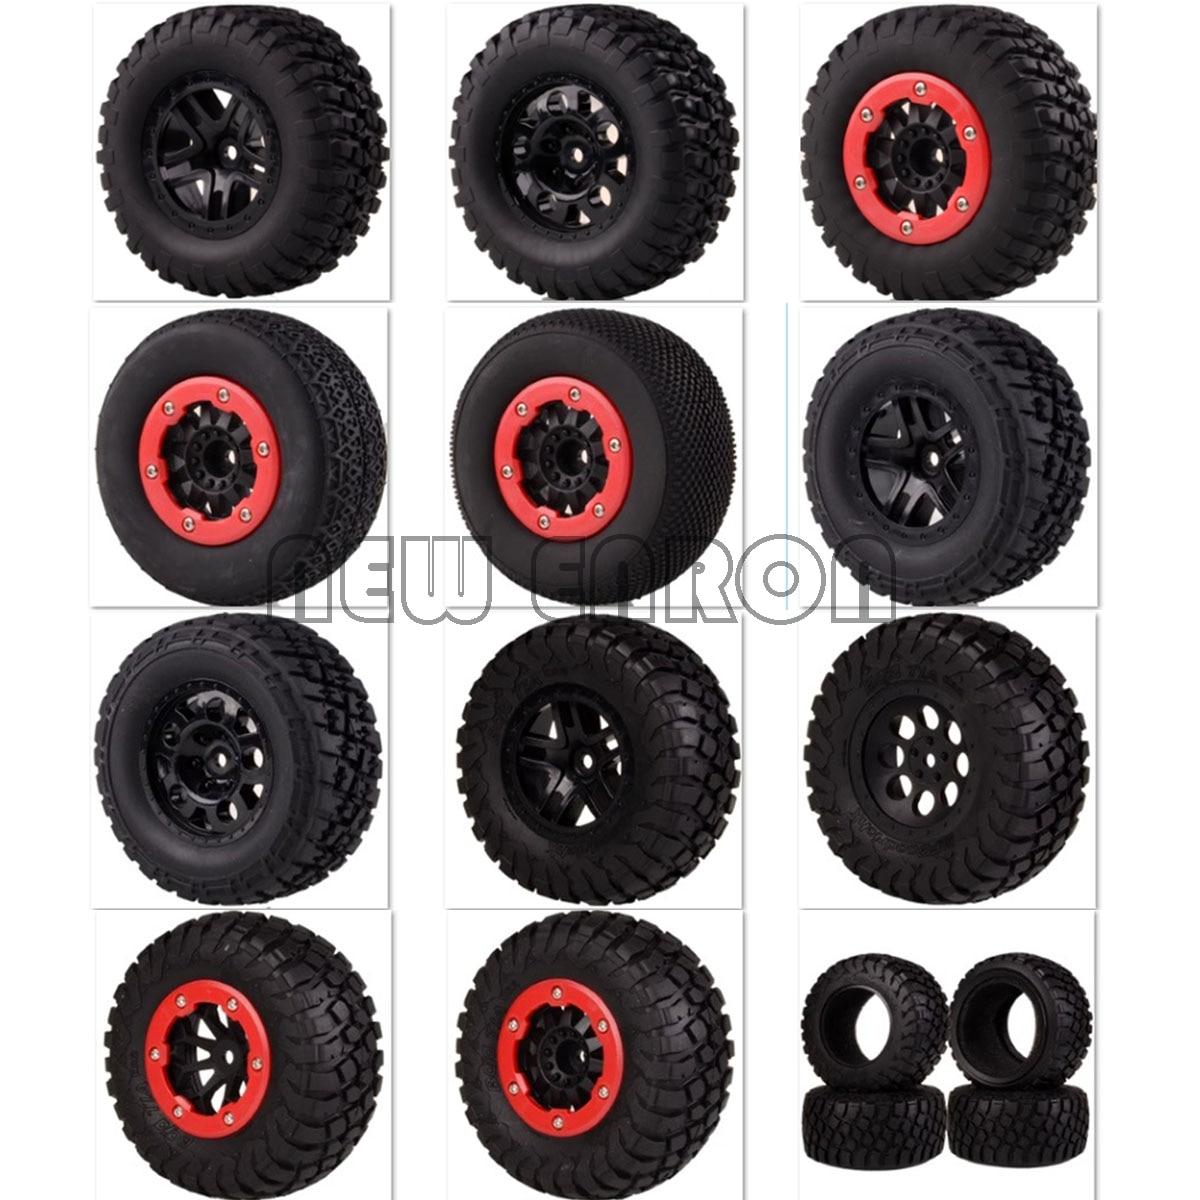 ENRON-pneu et jante de 12MM hexagonal, 4 pièces, serrure à perles, pour camion court, compatible avec 1:10 1/10 Traxxas Slash 4x4 VKAR 10SC HPI